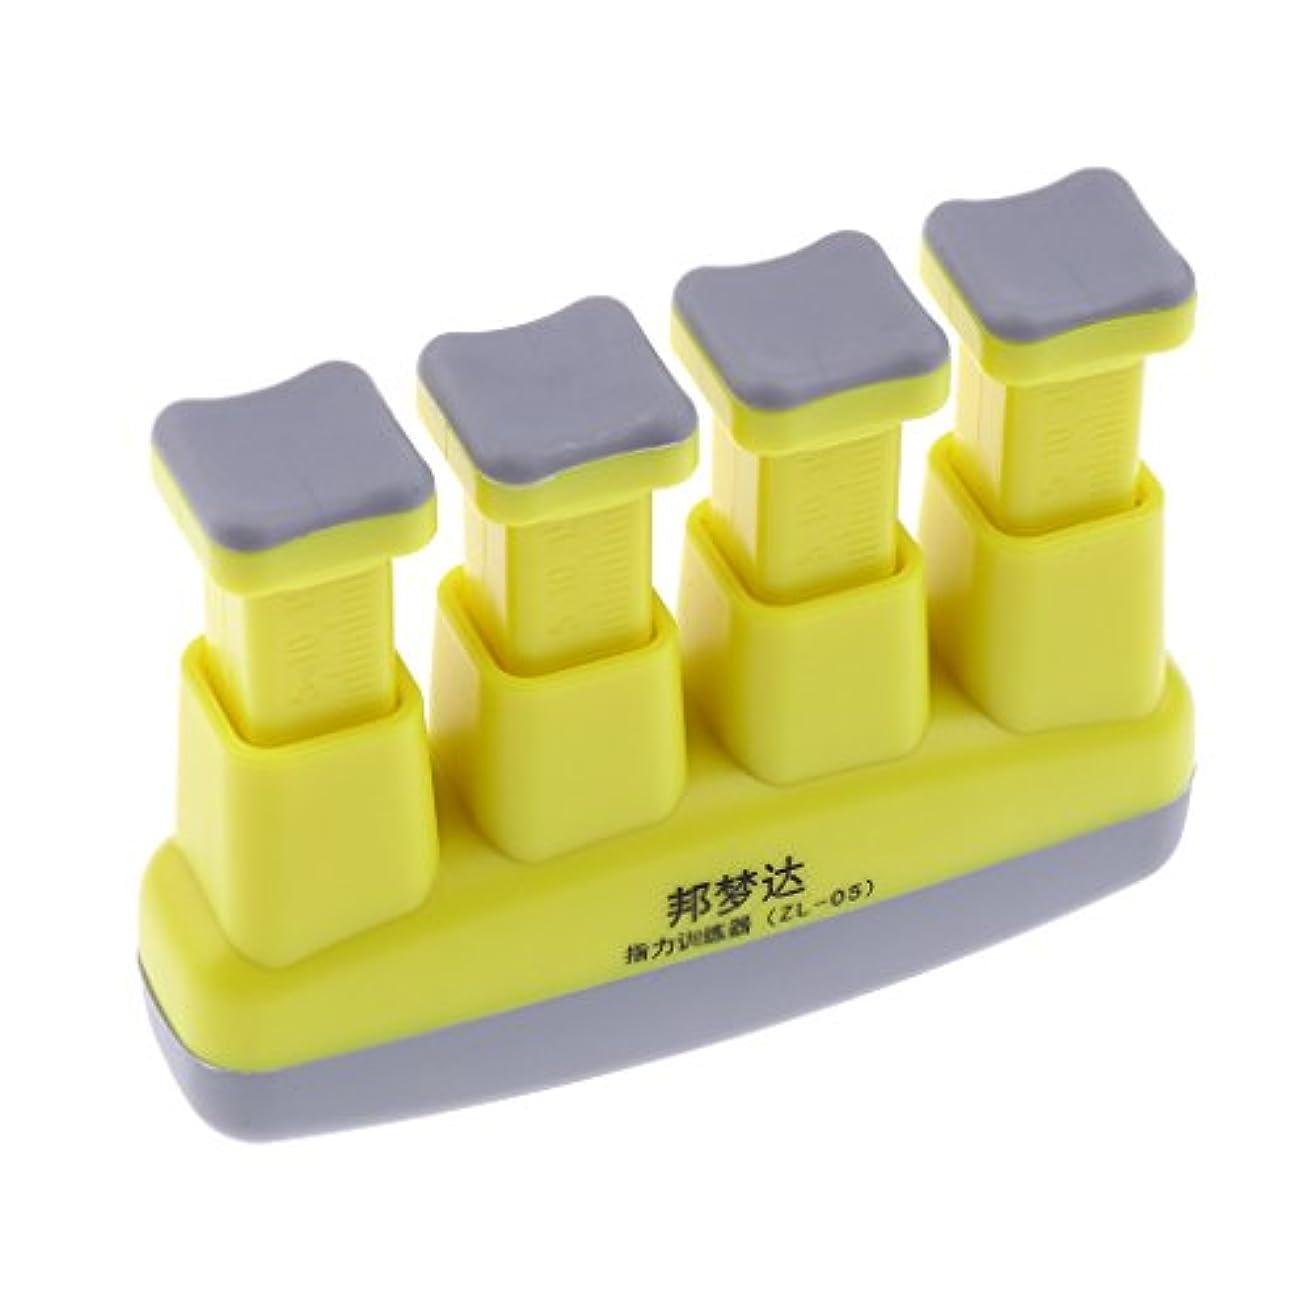 再びフィールド活発Fenteer ハンドグリップ エクササイザ 4-6ポンド 調節可 ハンドトレーニング グリッパー 黄色